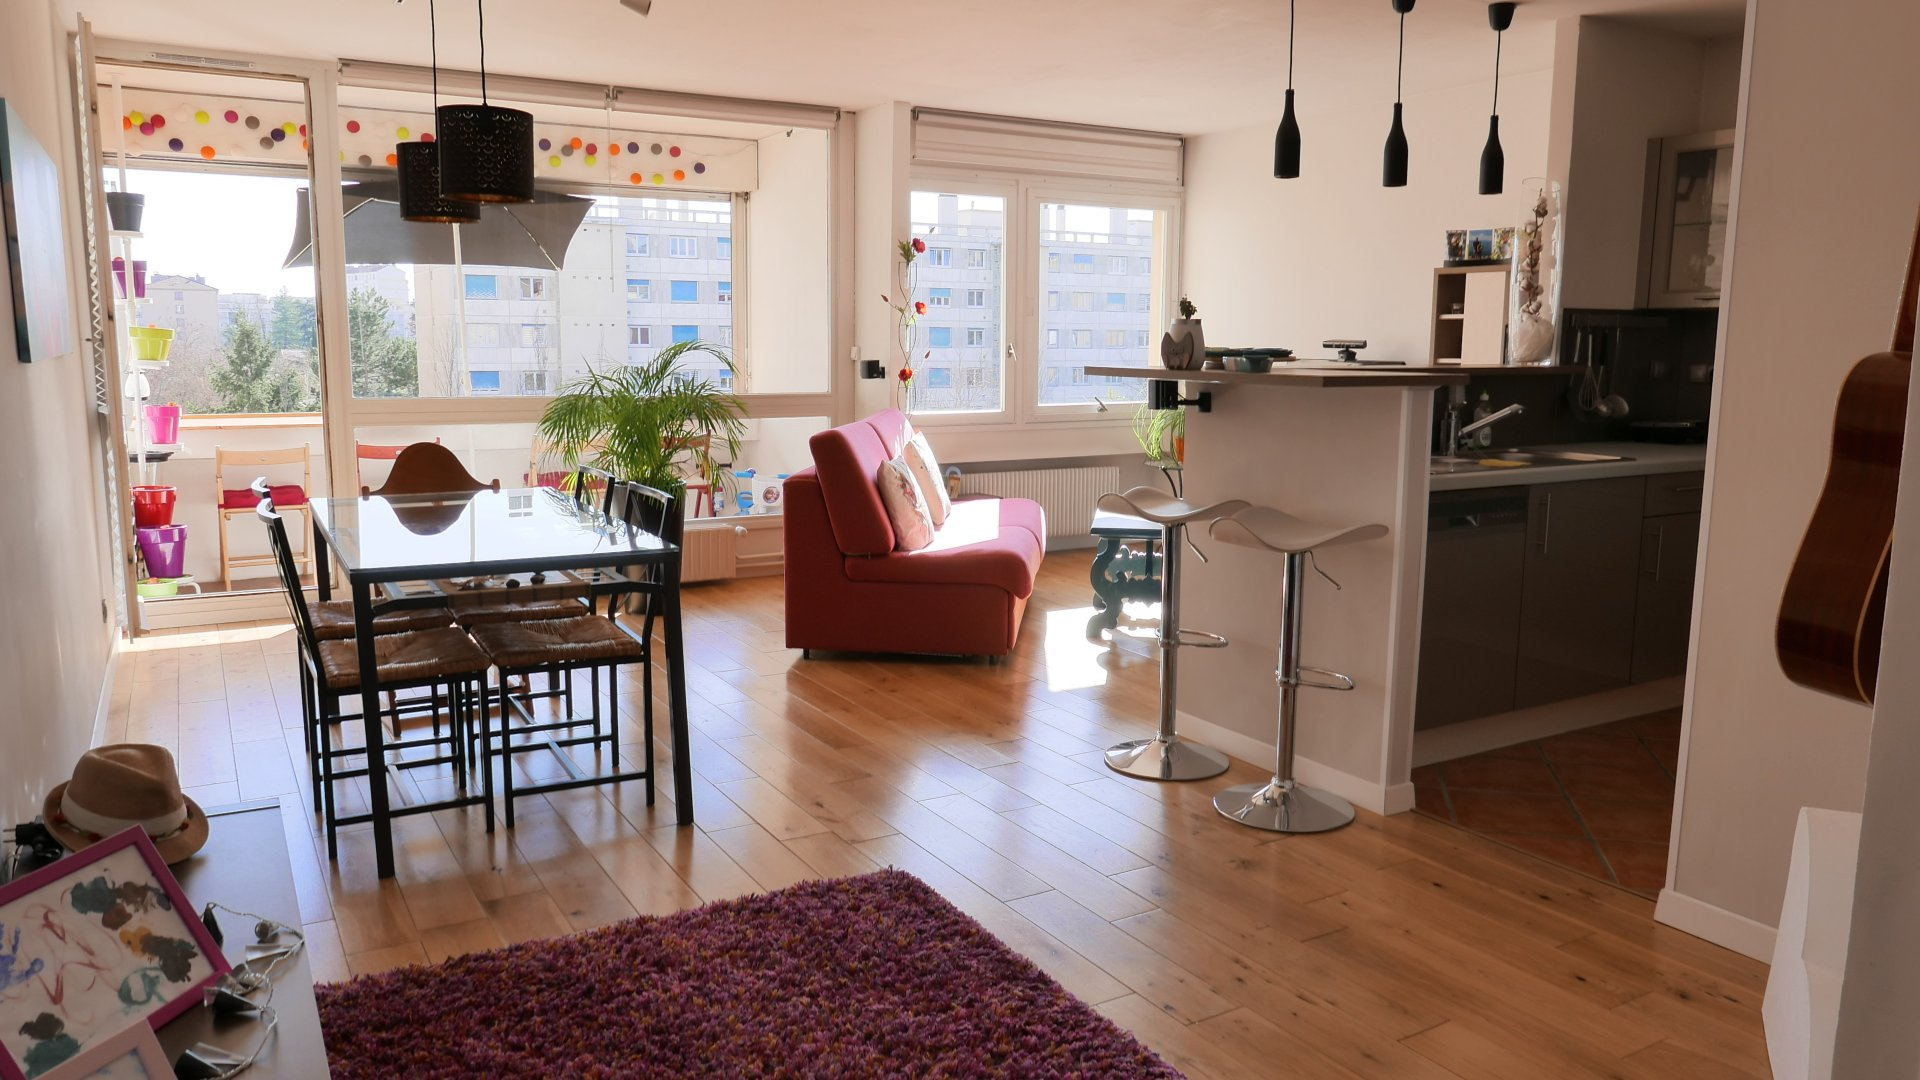 Achat Appartement Surface de 73 m²/ Total carrez : 68 m², 3 pièces, Villeurbanne (69100)